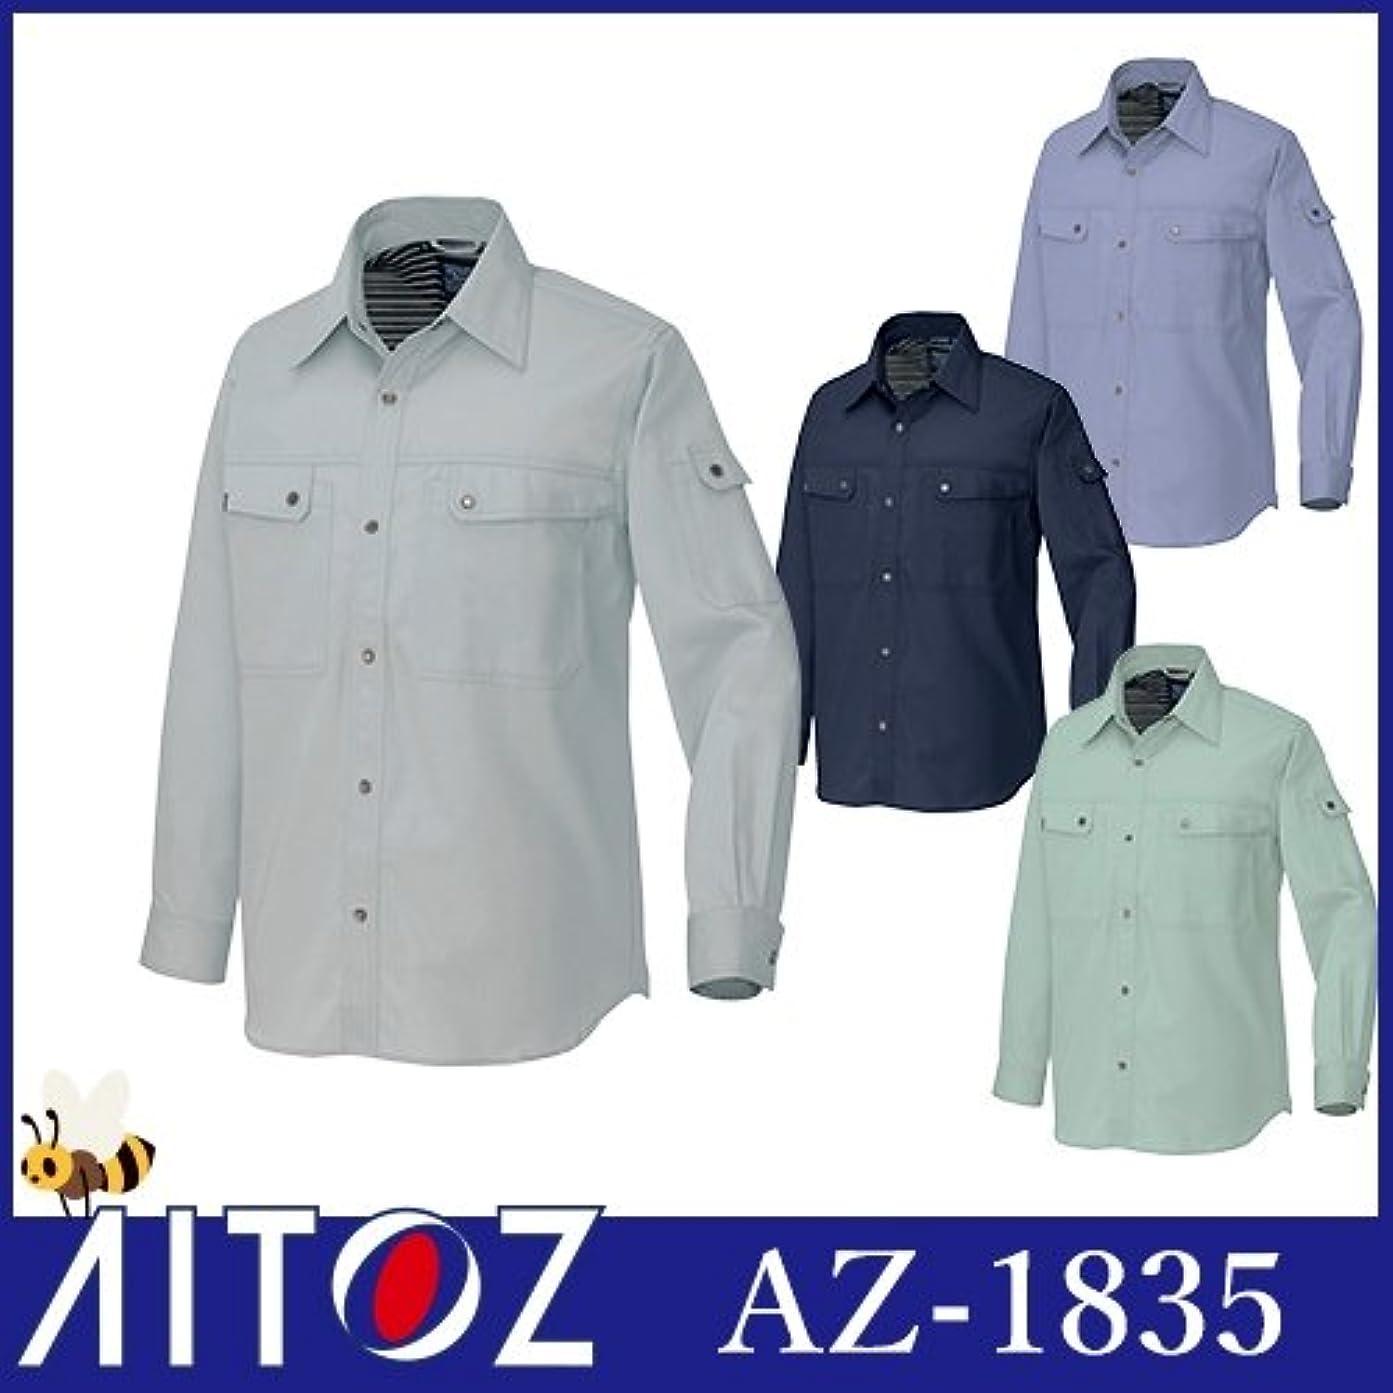 歴史的ジョイントマーティフィールディング[アイトス] 大きいサイズ(3L) 長袖シャツ(薄地) 076/ミストバイオレット AZ-1835